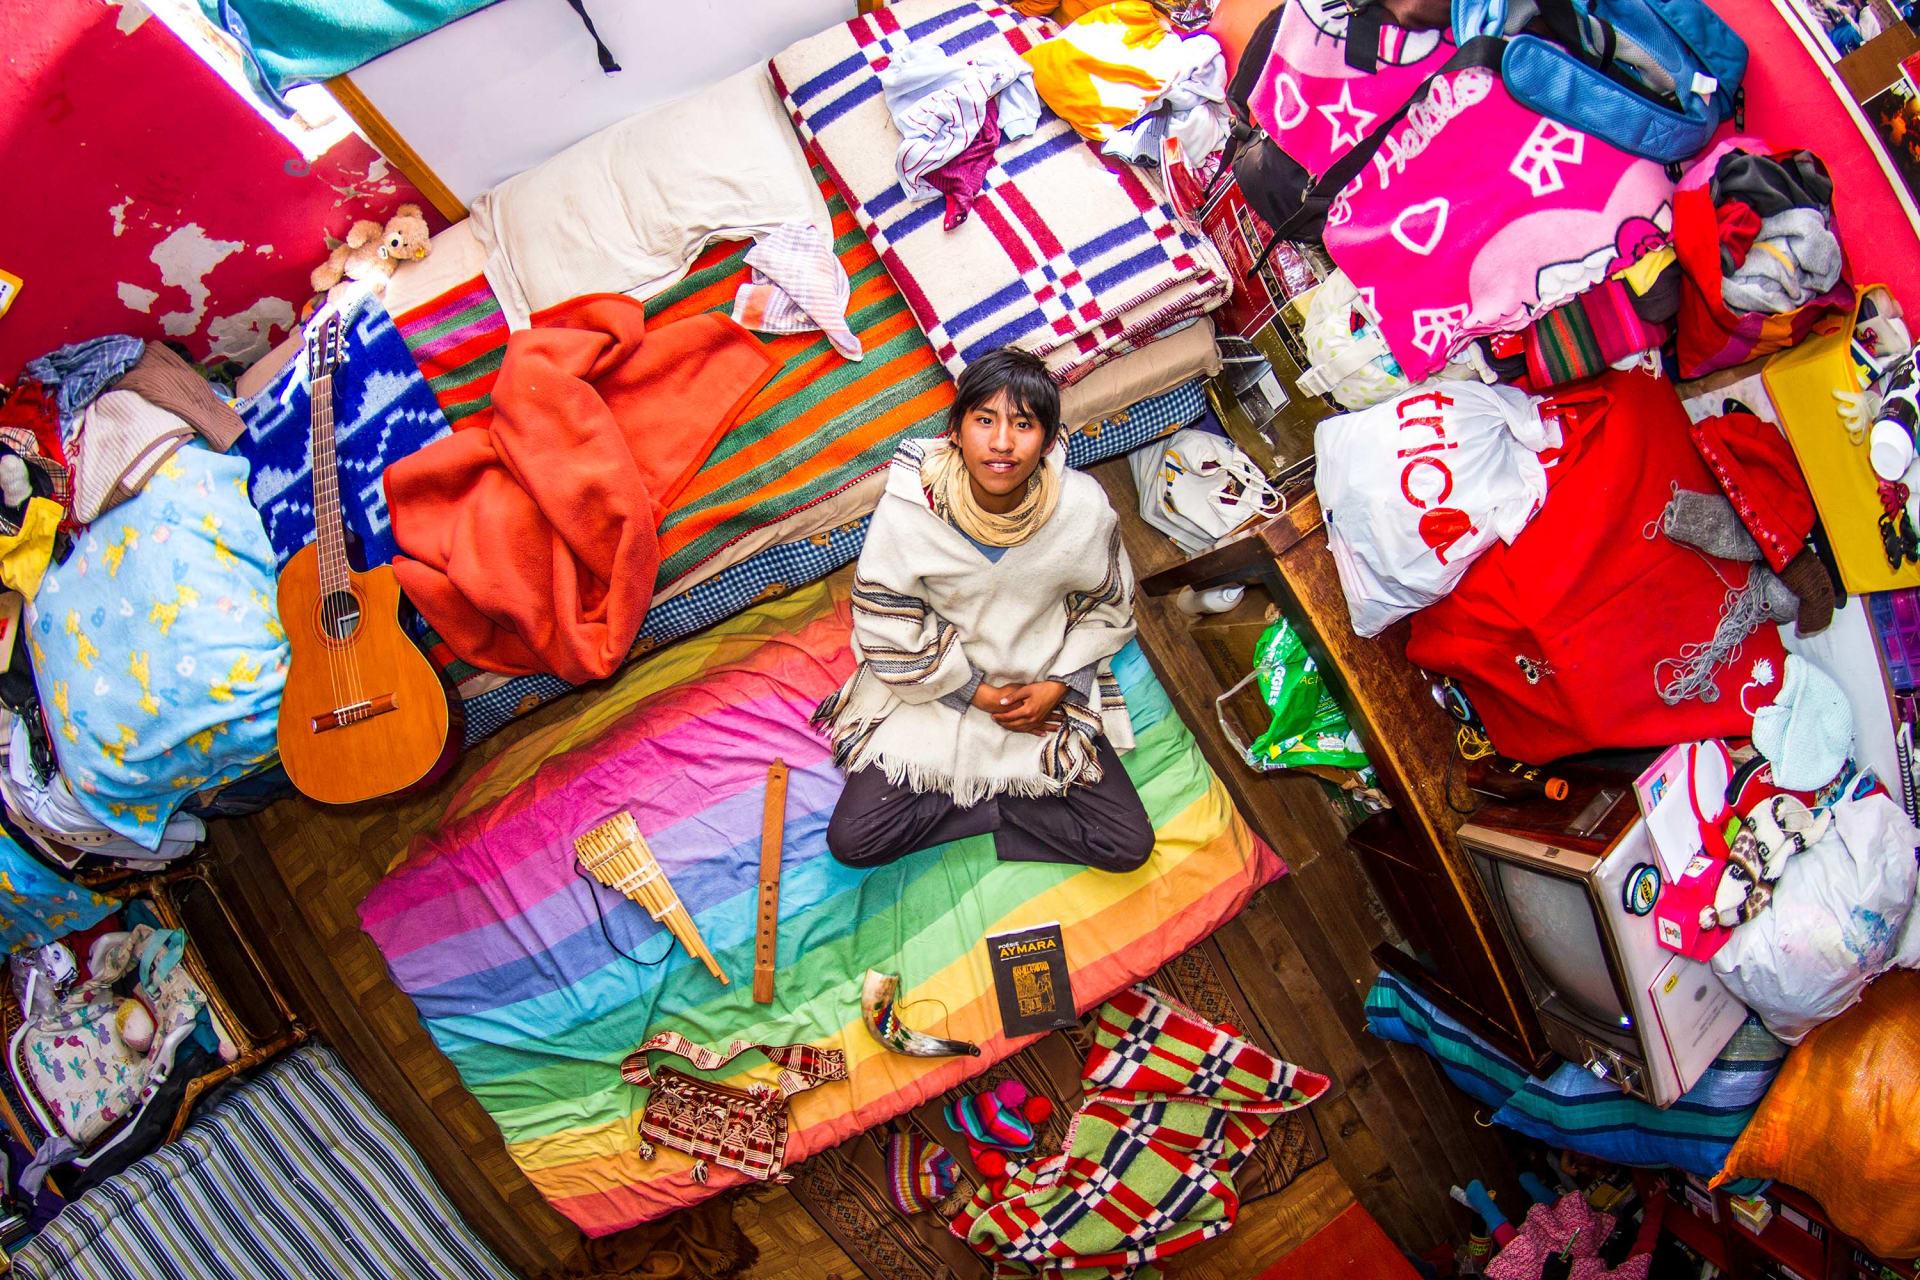 الغرفة 665 – مارسيلو – 18 عاماً – لاباز – بوليفيا